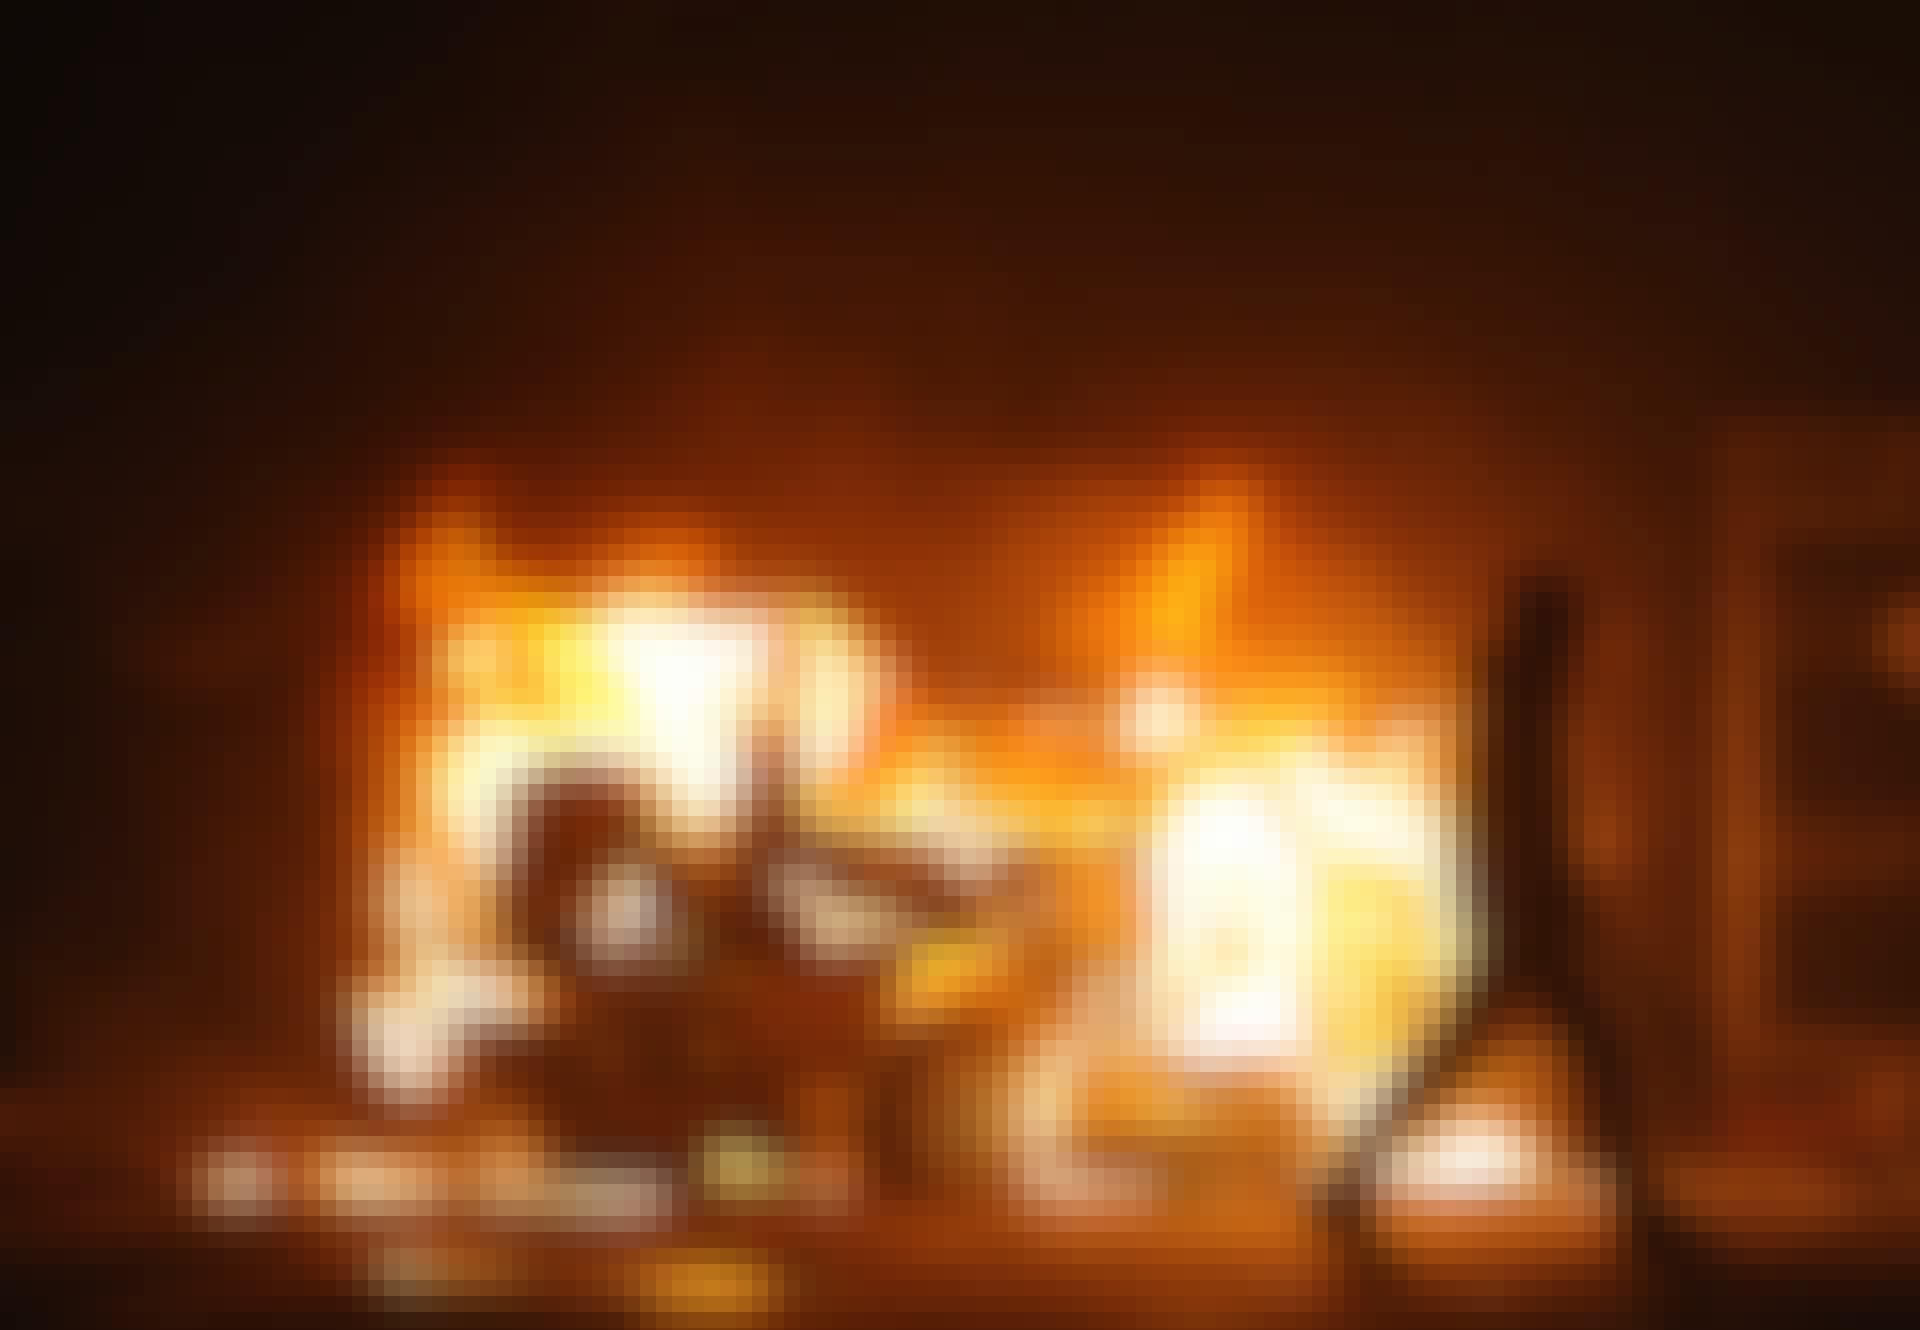 Bil i brand efter en demonstration, der udviklede sig til optøjer